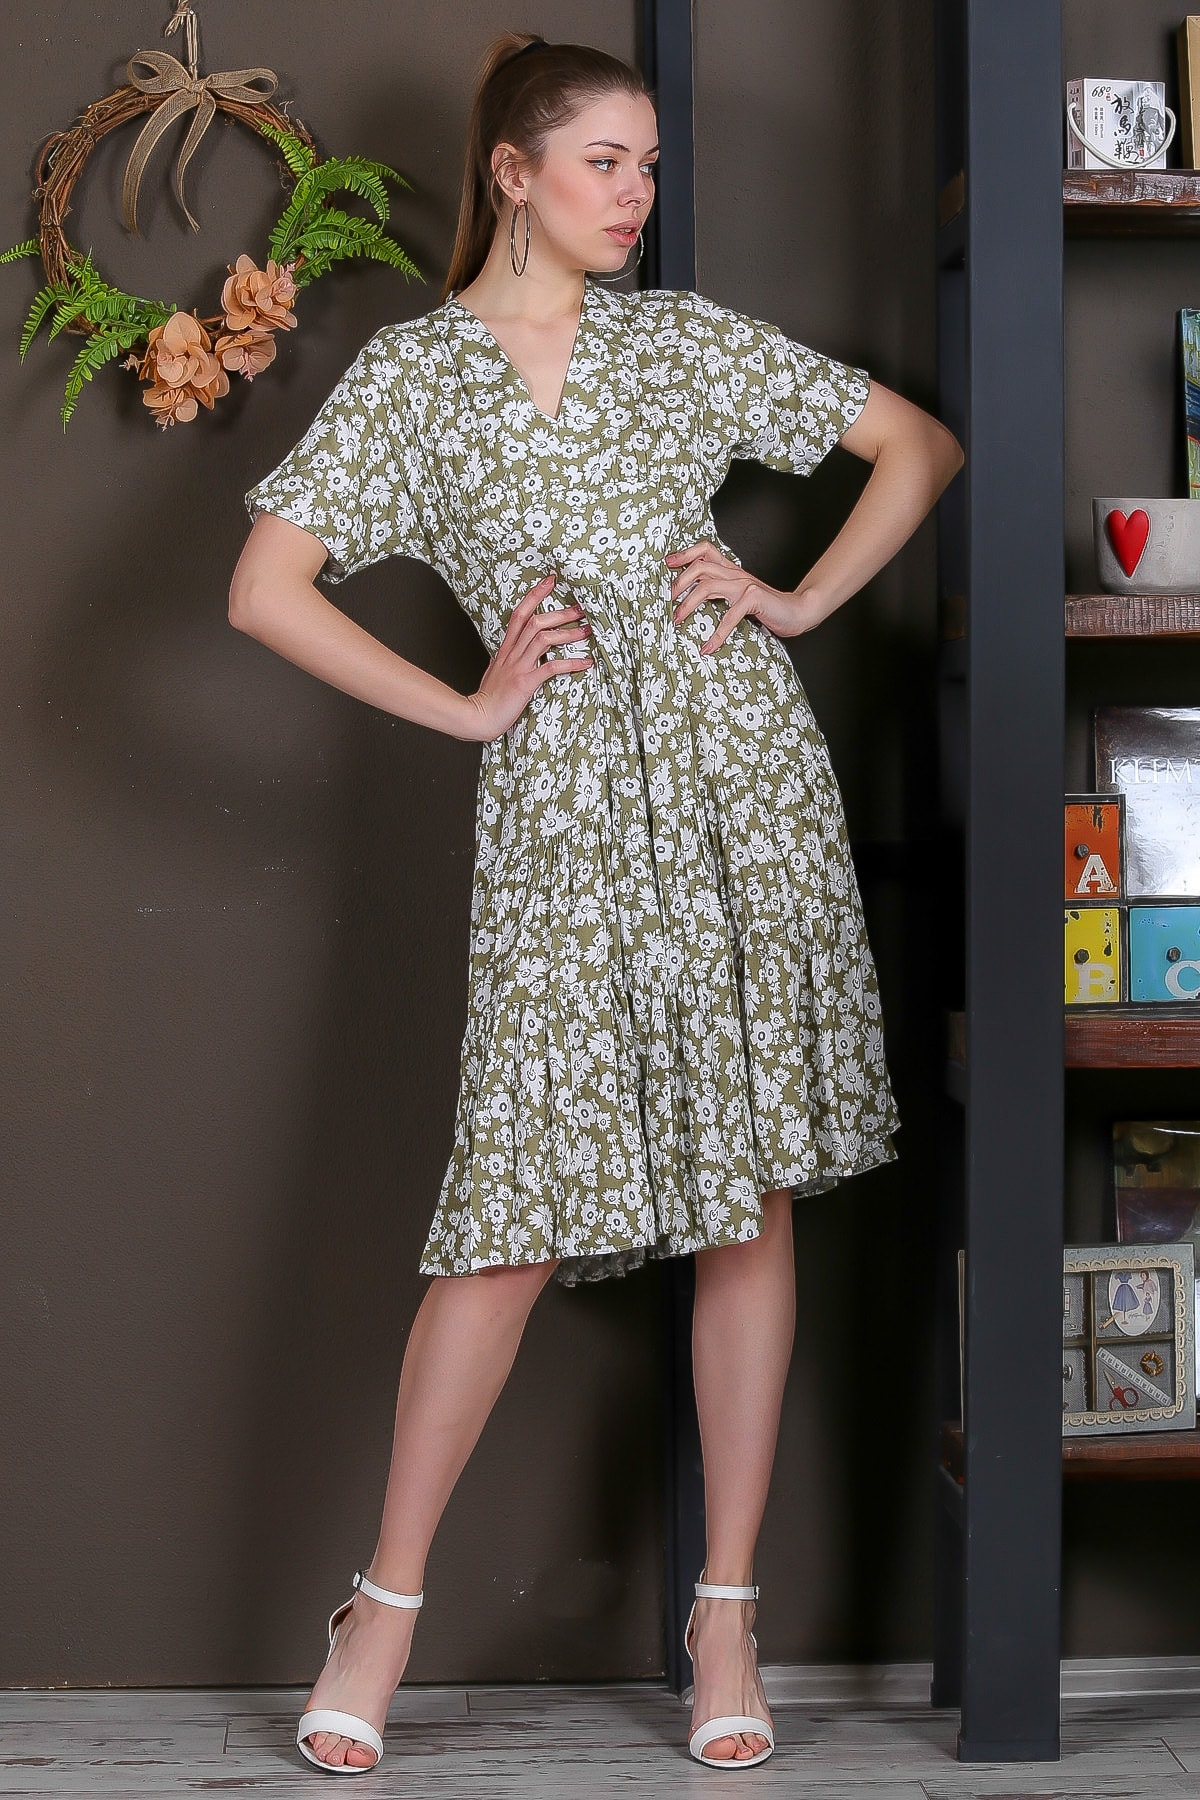 Chiccy Kadın Yeşil Düşük Kol V Yaka Fırfırlı Dokuma Midi Elbise M10160000EL95432 1